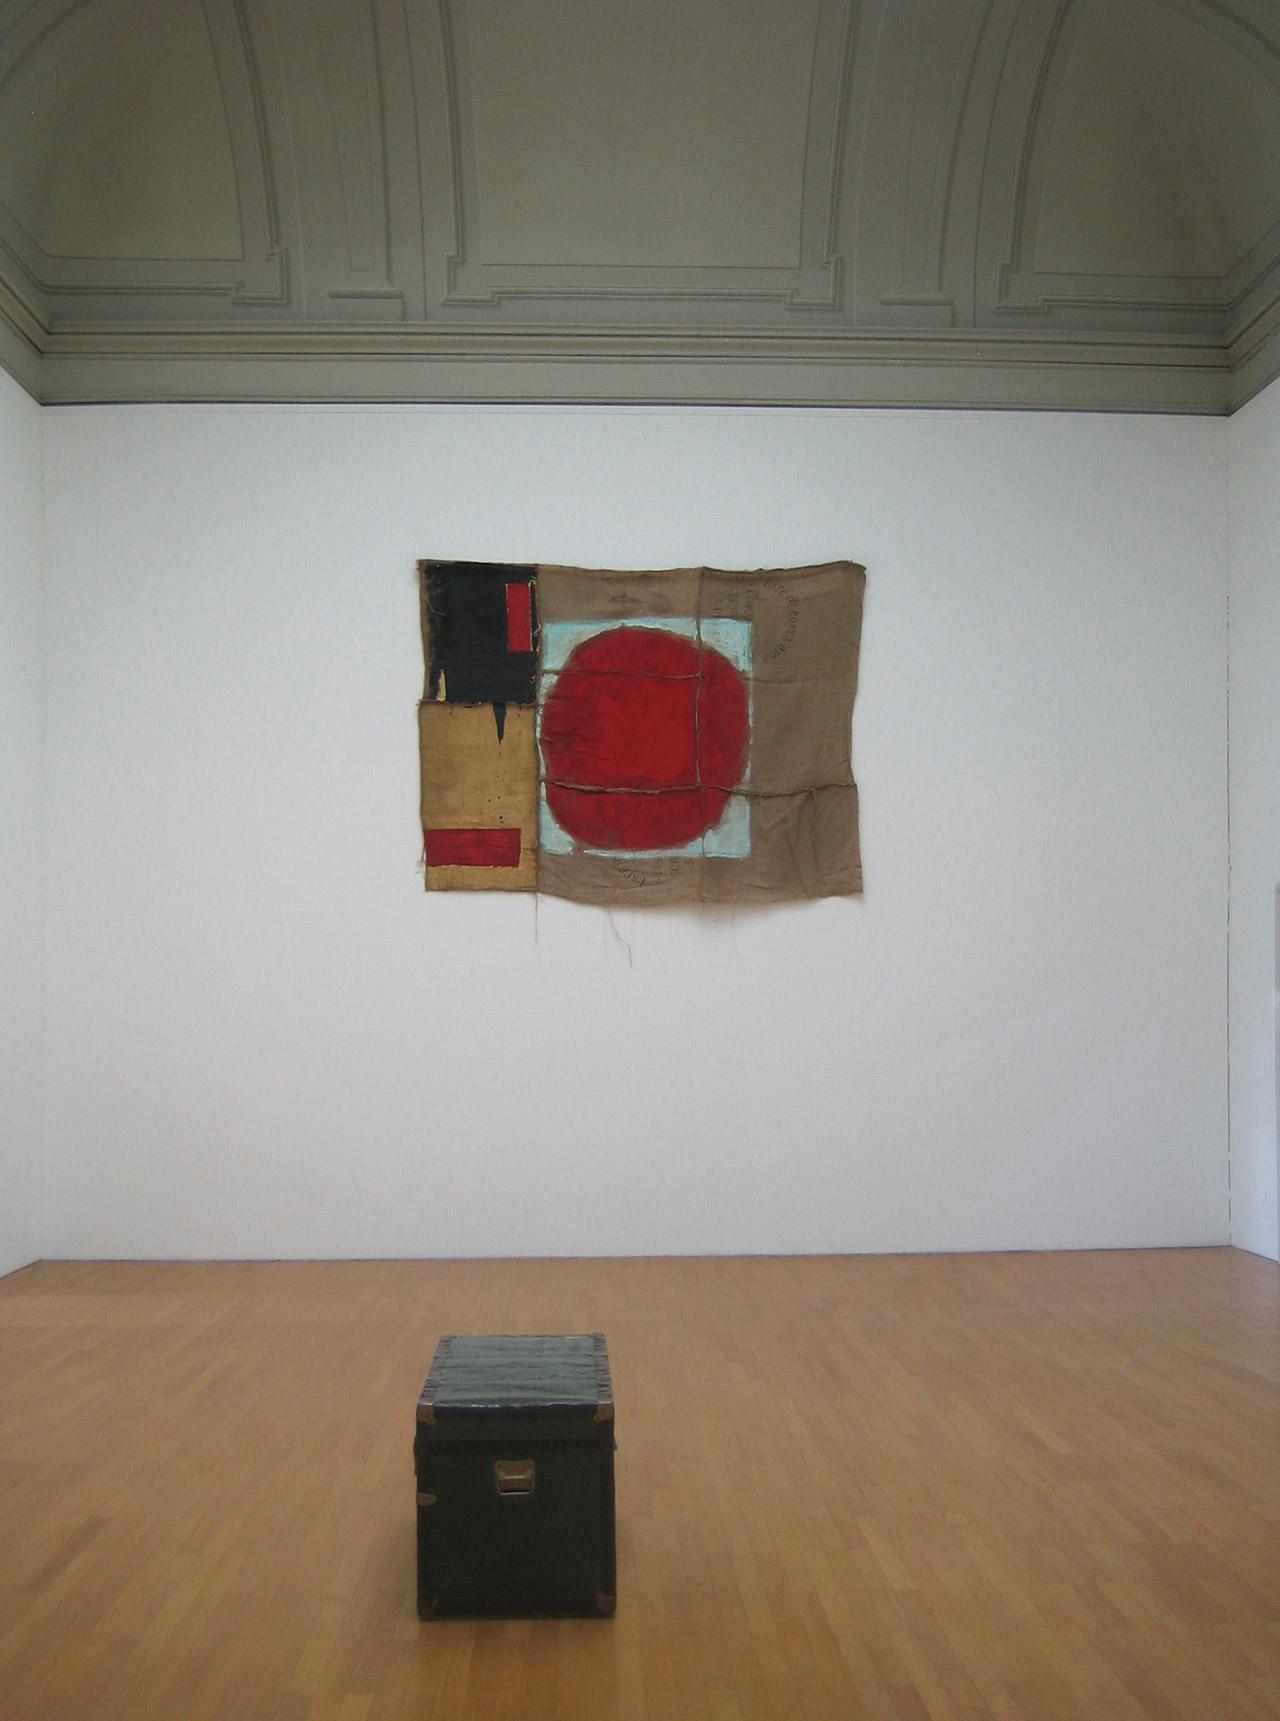 Nicola-Grabiele-Kunsthalle-Winterthur-2008-2.jpg